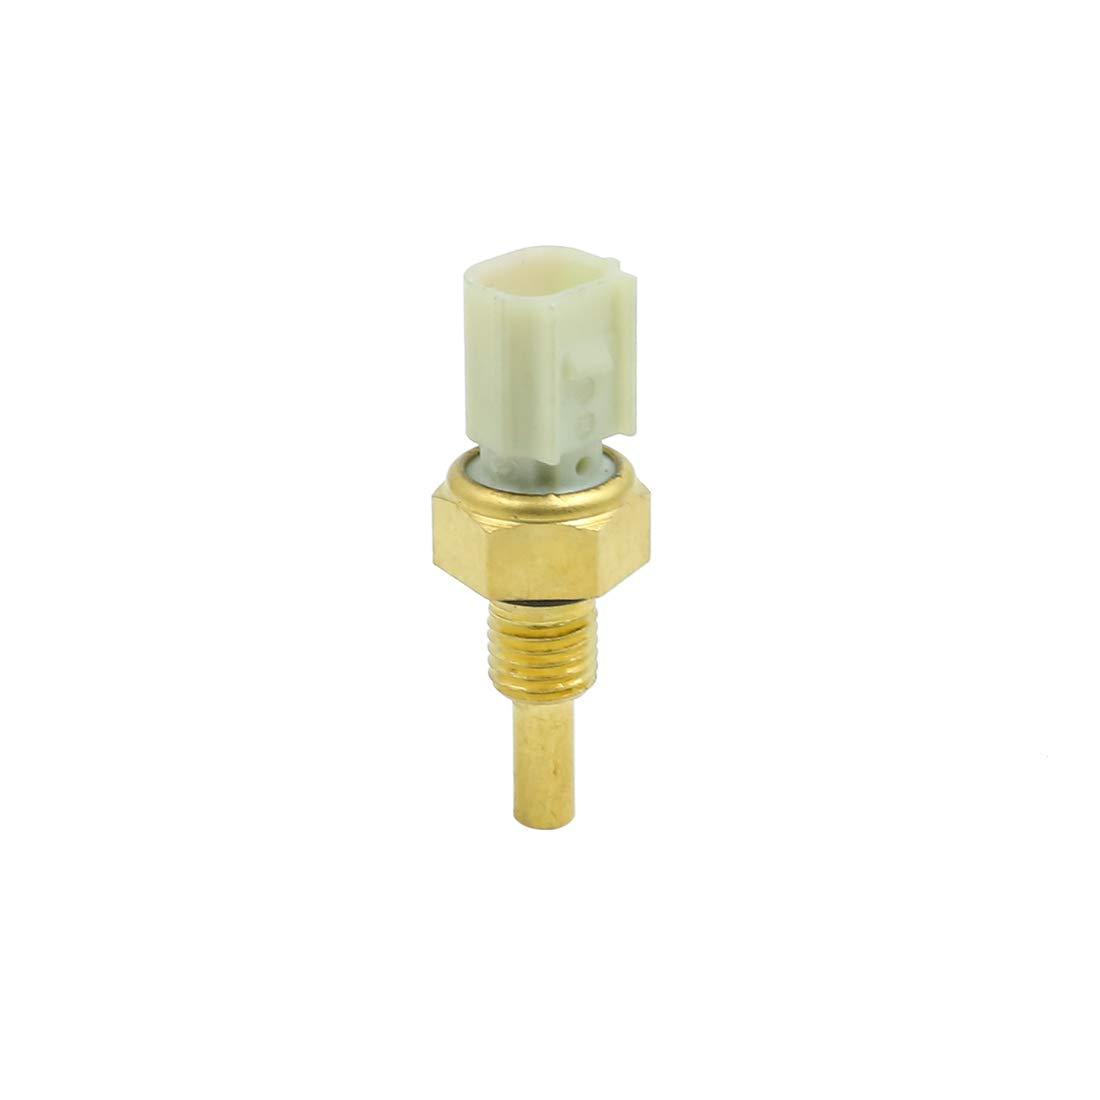 X AUTOHAUX Car 2 Pins Coolant Water Temperature Sensor DC